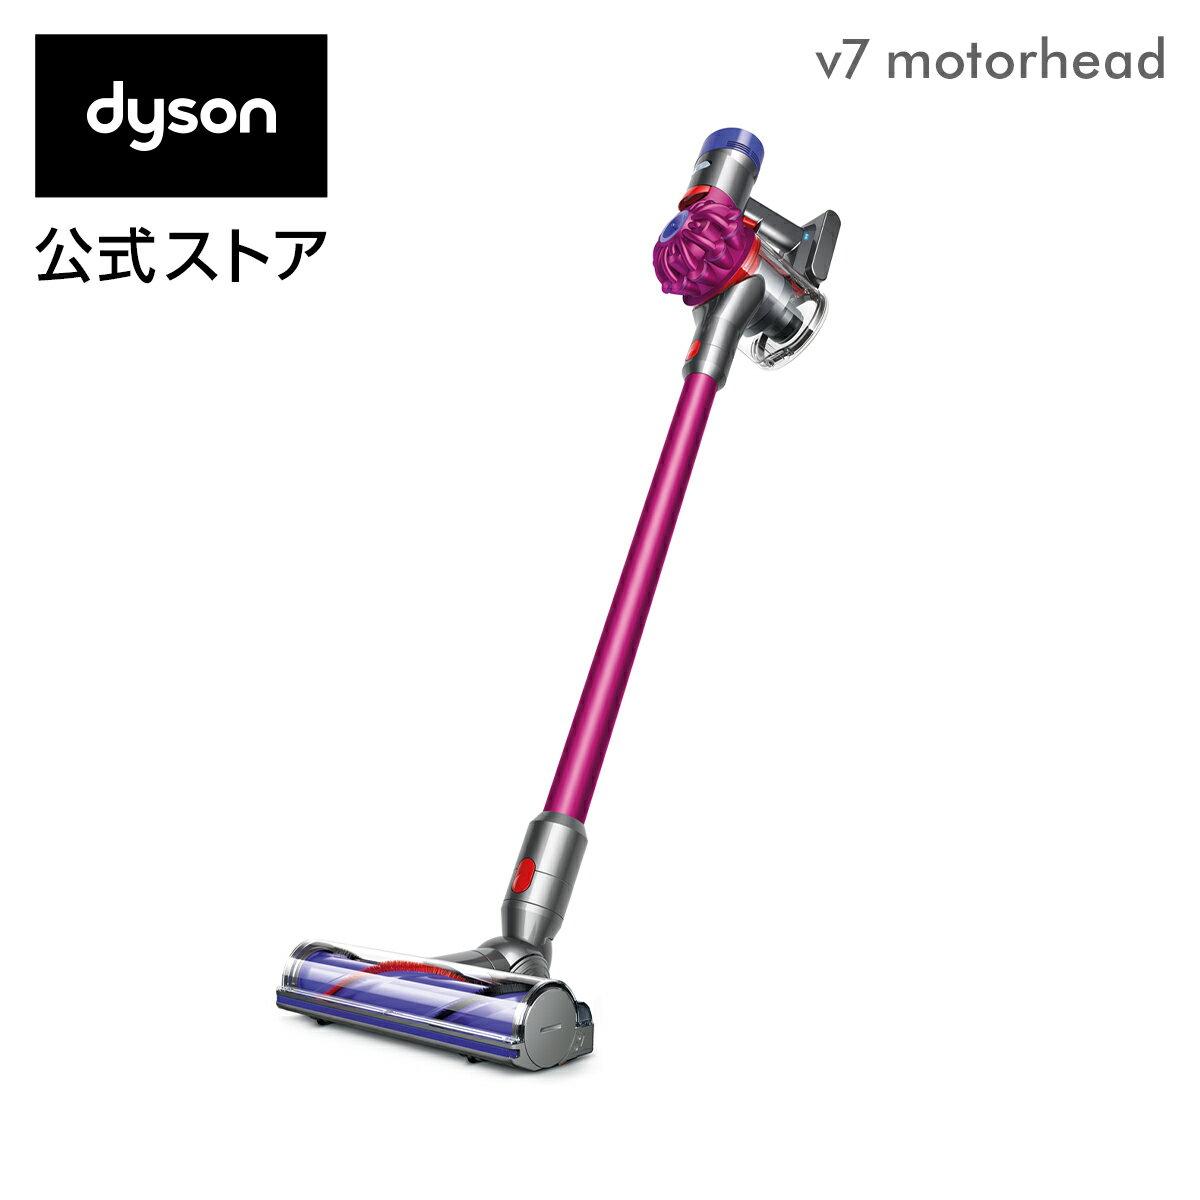 ダイソン Dyson V7 Motorhead サイクロン式 コードレス掃除機 dyson SV11ENT 2018年モデル